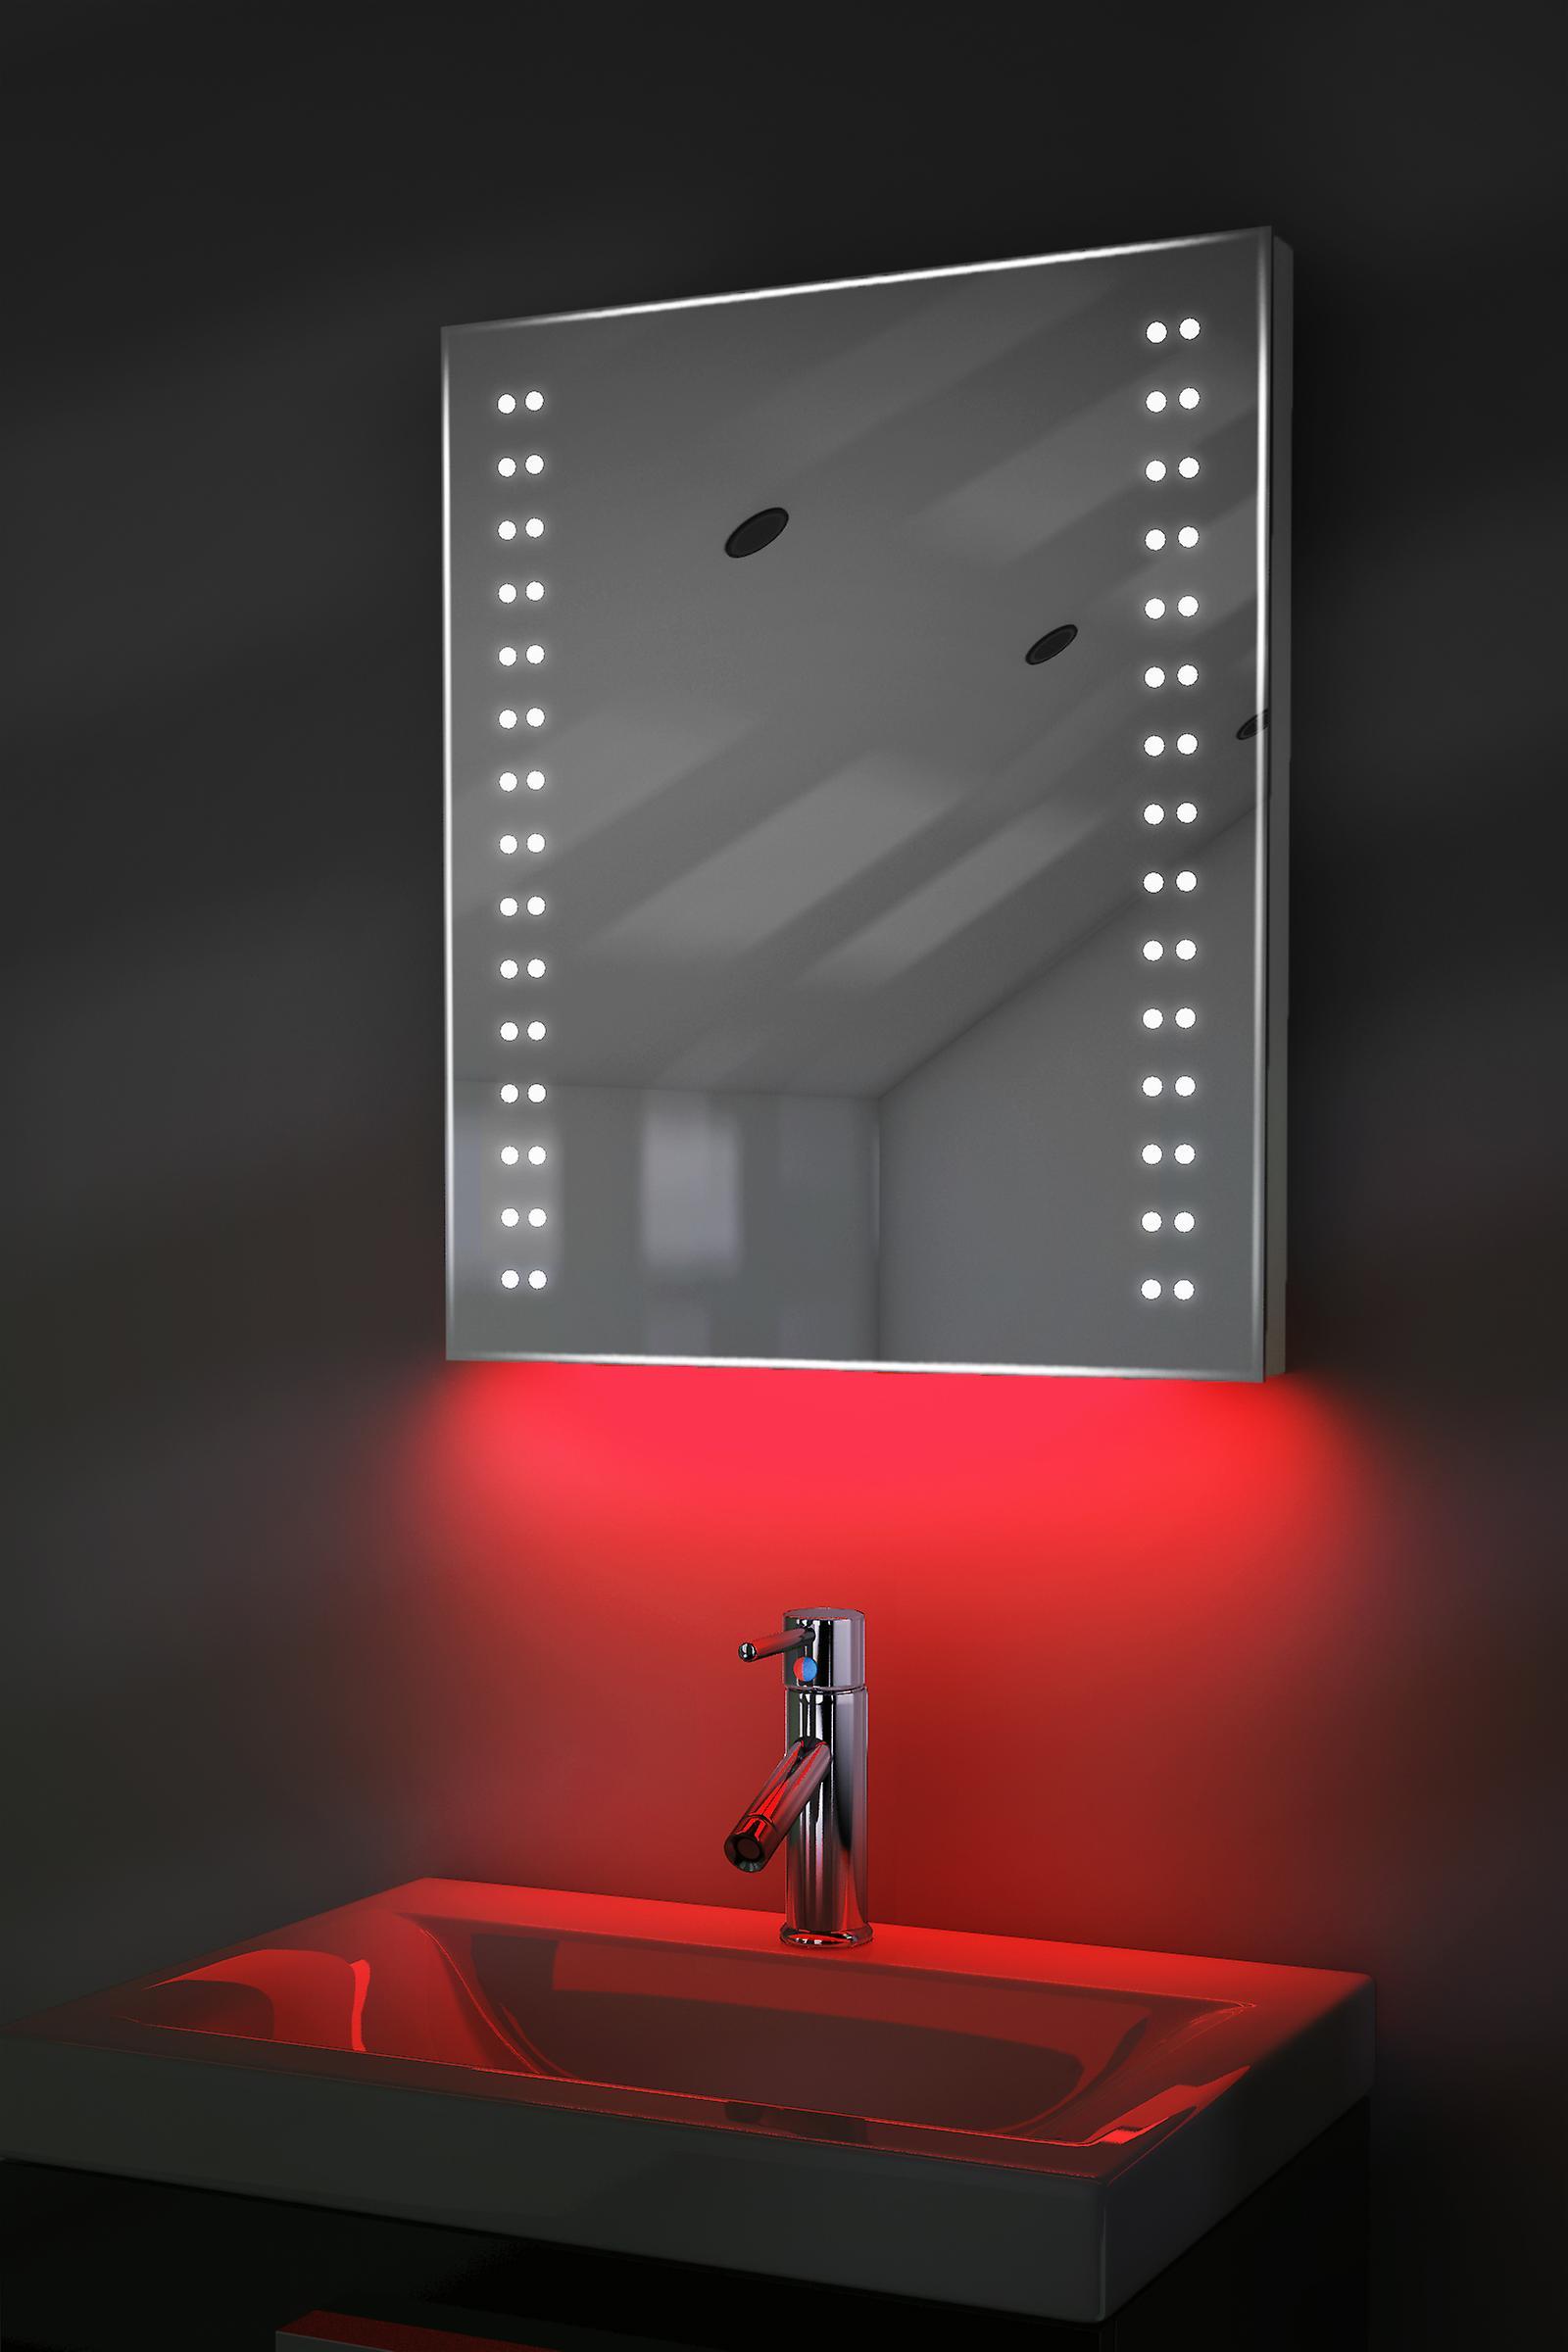 Auto couleur changement rasoir Rgb miroir avec désembuage & K38Srgb capteur